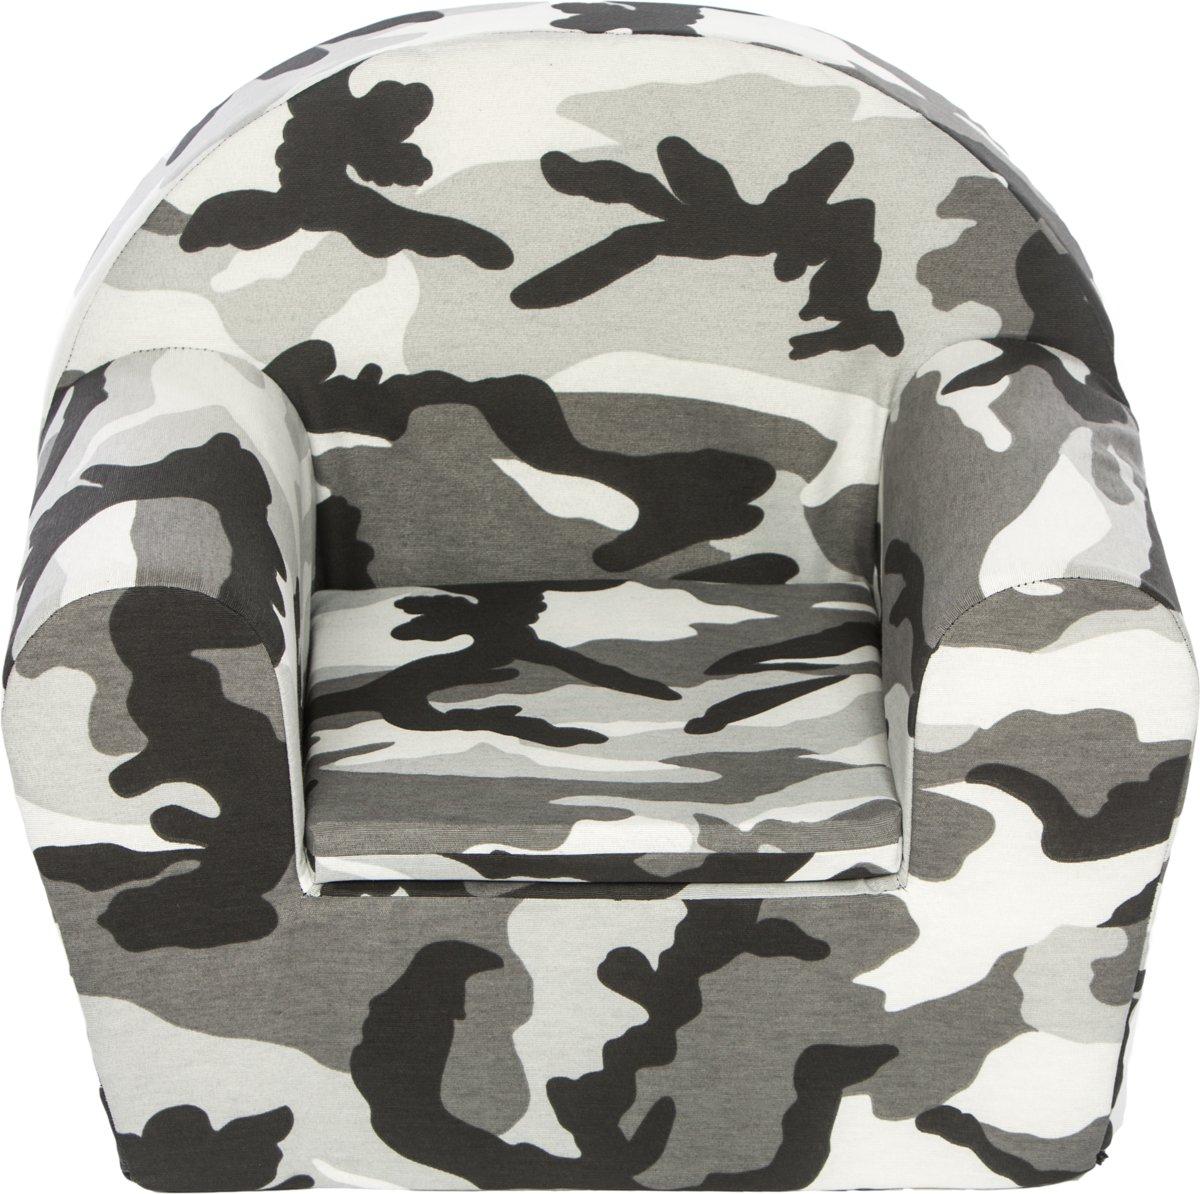 Peuterstoeltje-Kinderfauteuil Camouflage antraciet kopen